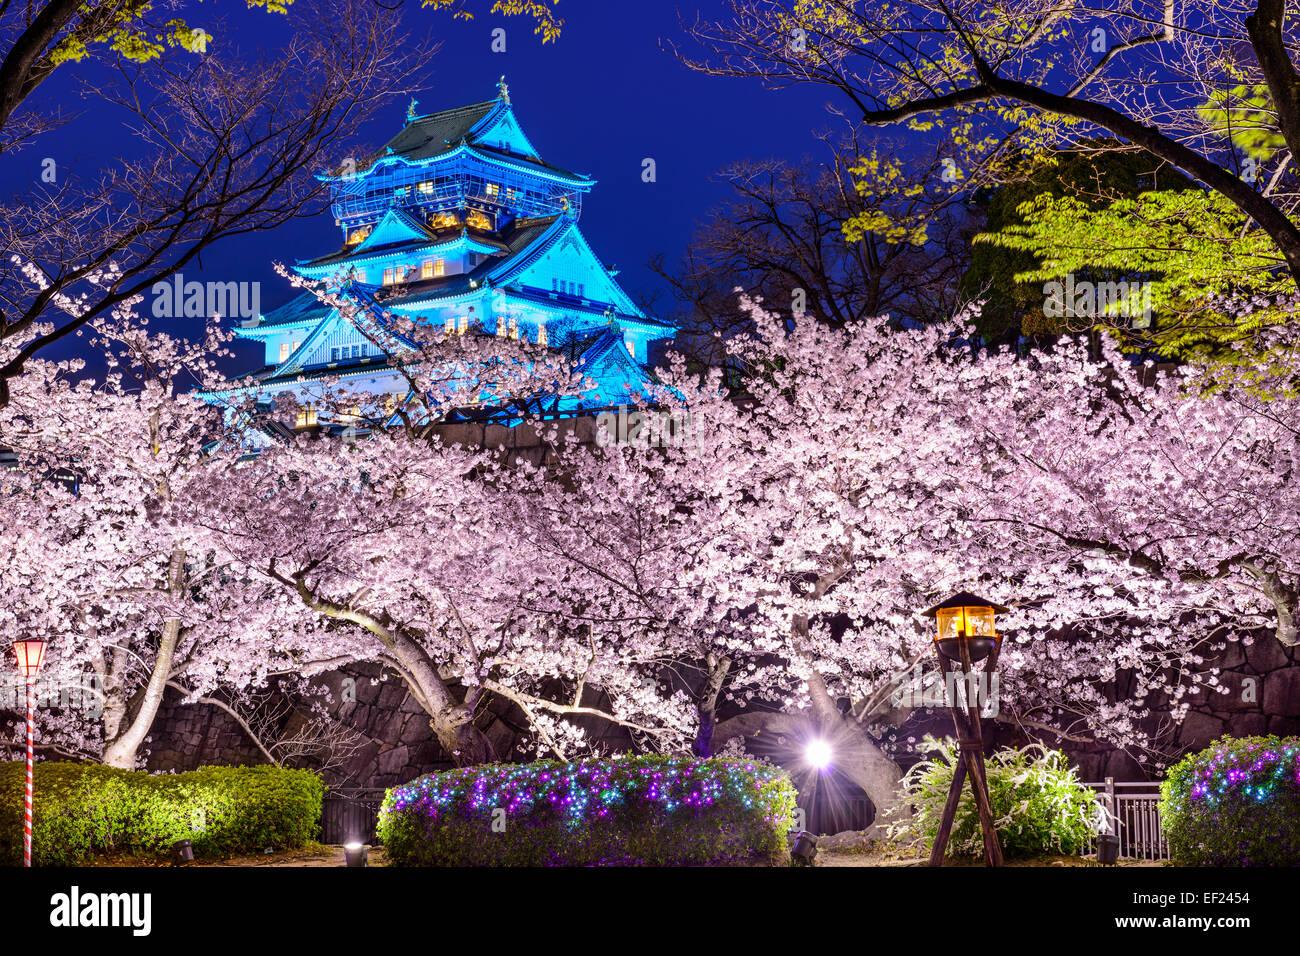 Osaka in Giappone presso il Castello di Osaka durante la stagione primaverile. Immagini Stock